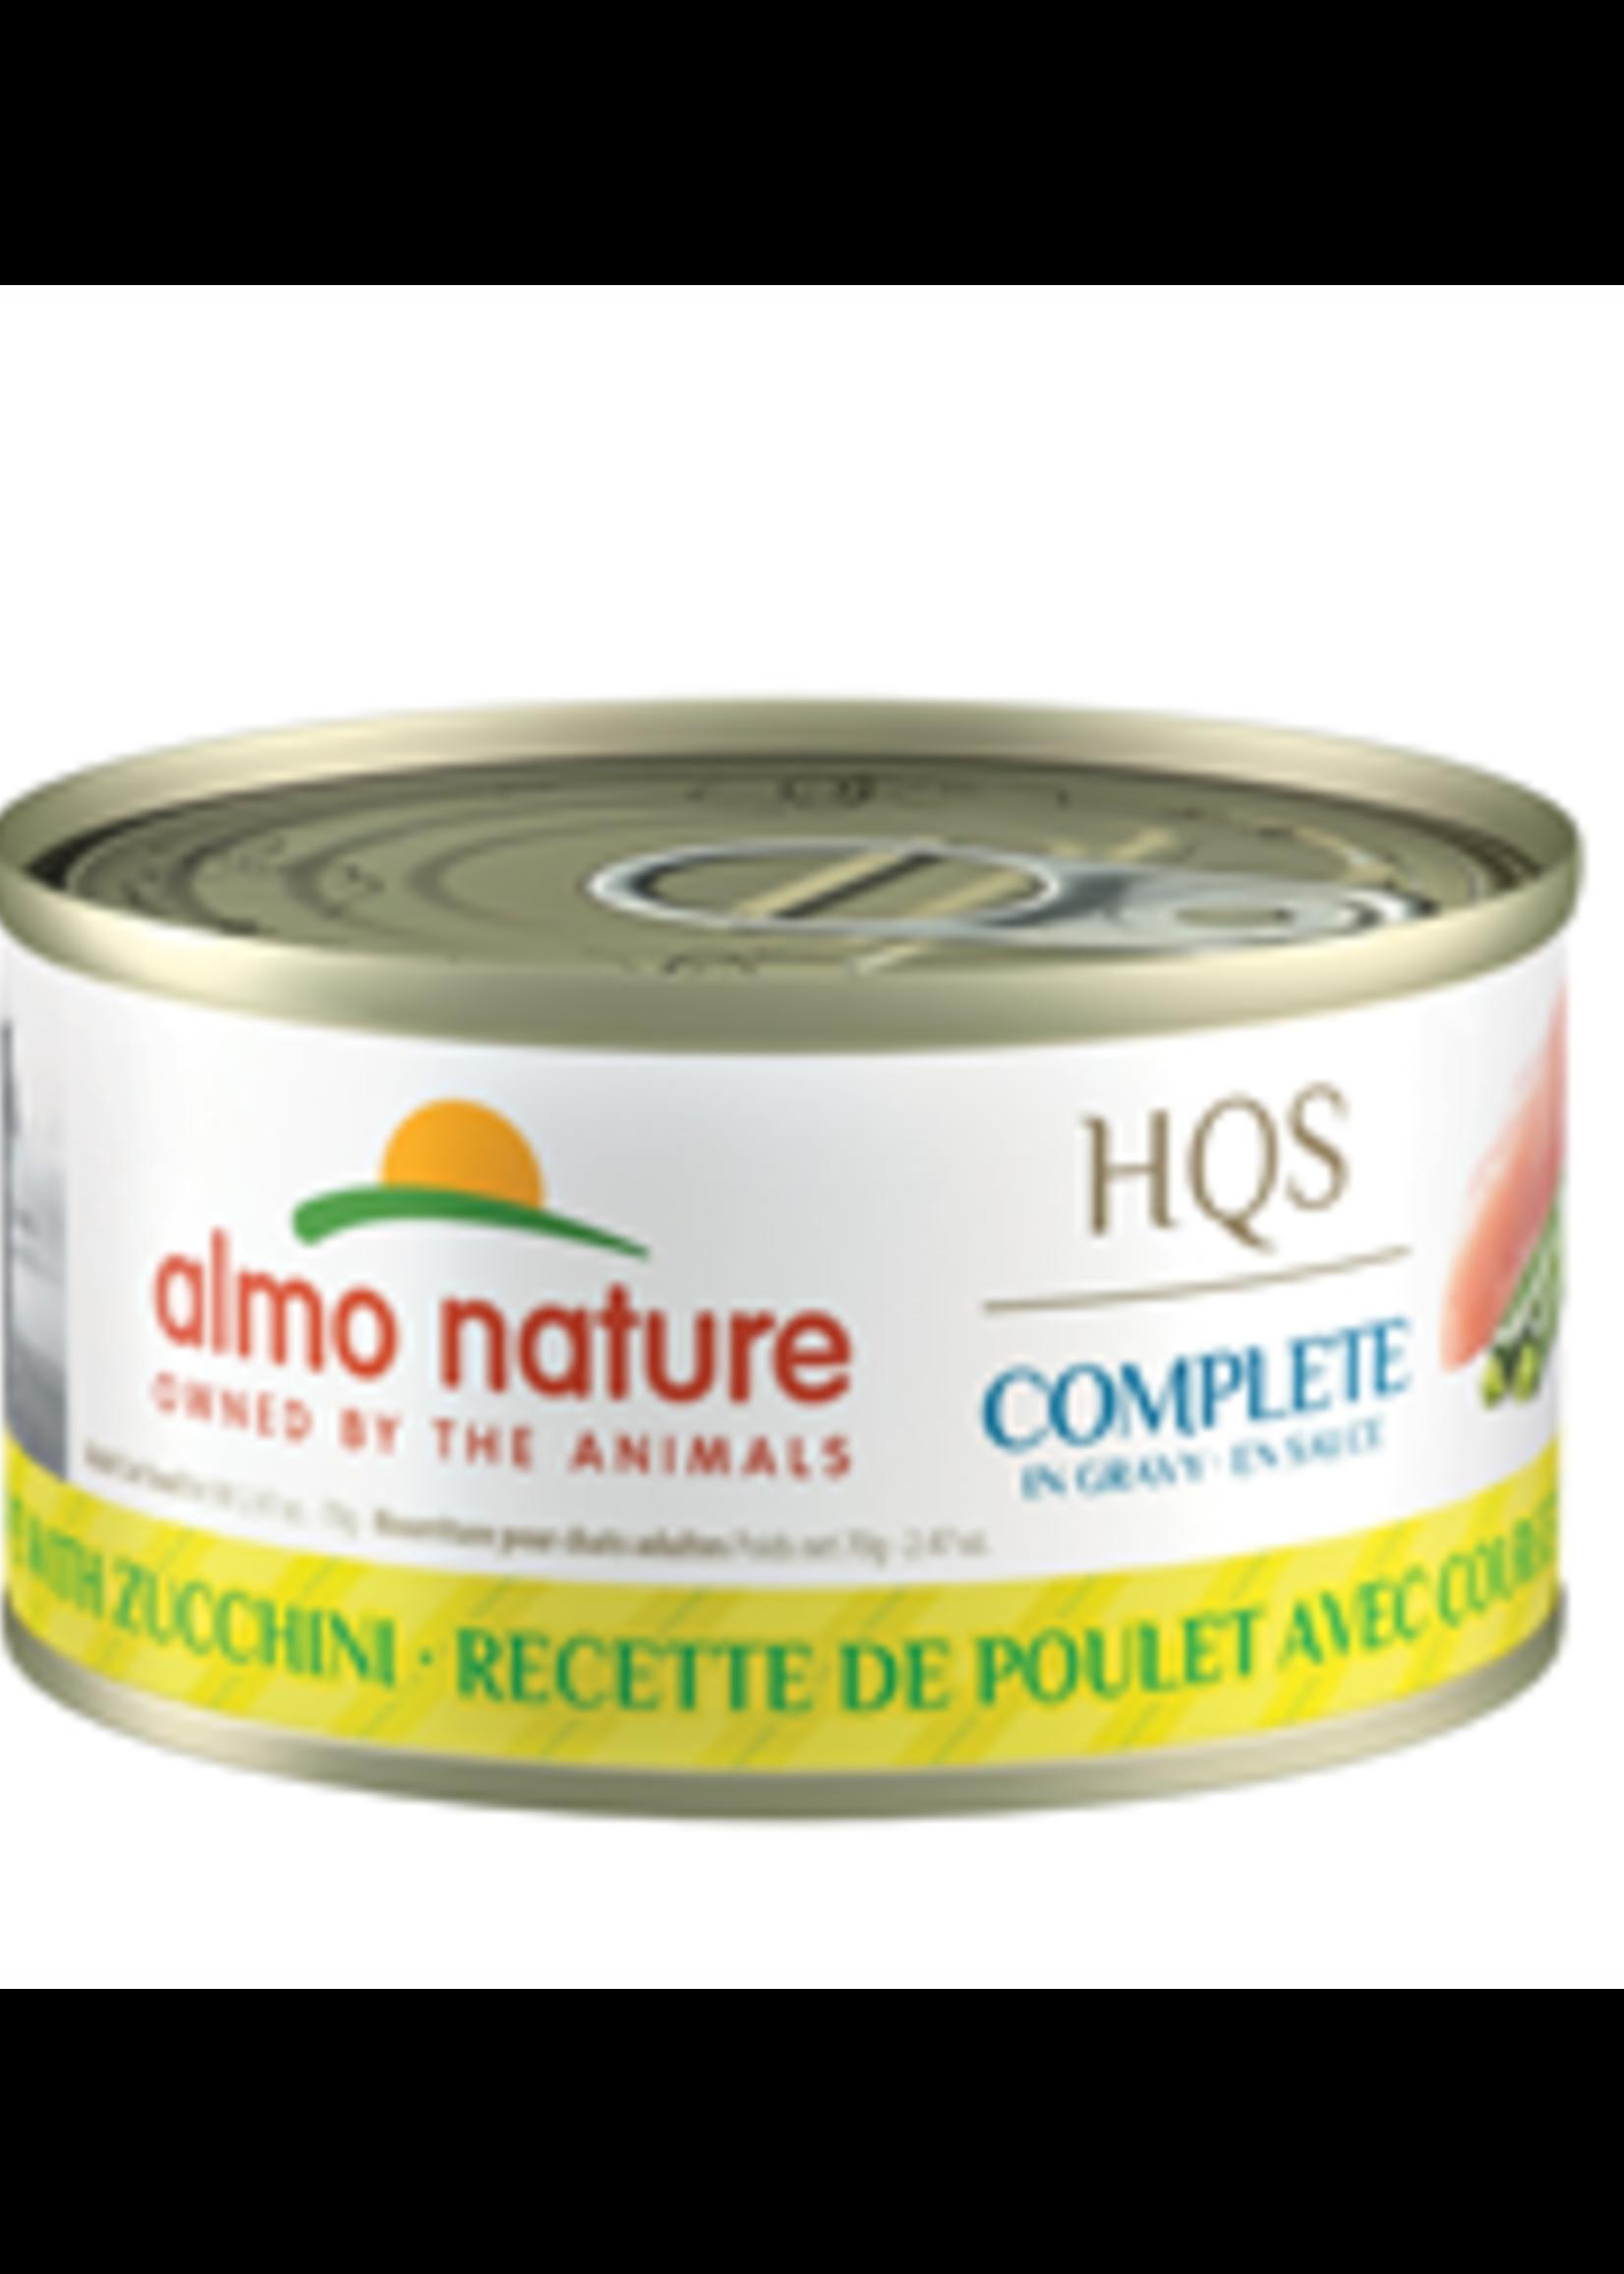 Almo Nature© Almo Nature HQS Complete Chicken Recipe with Zucchini in Gravy 70g